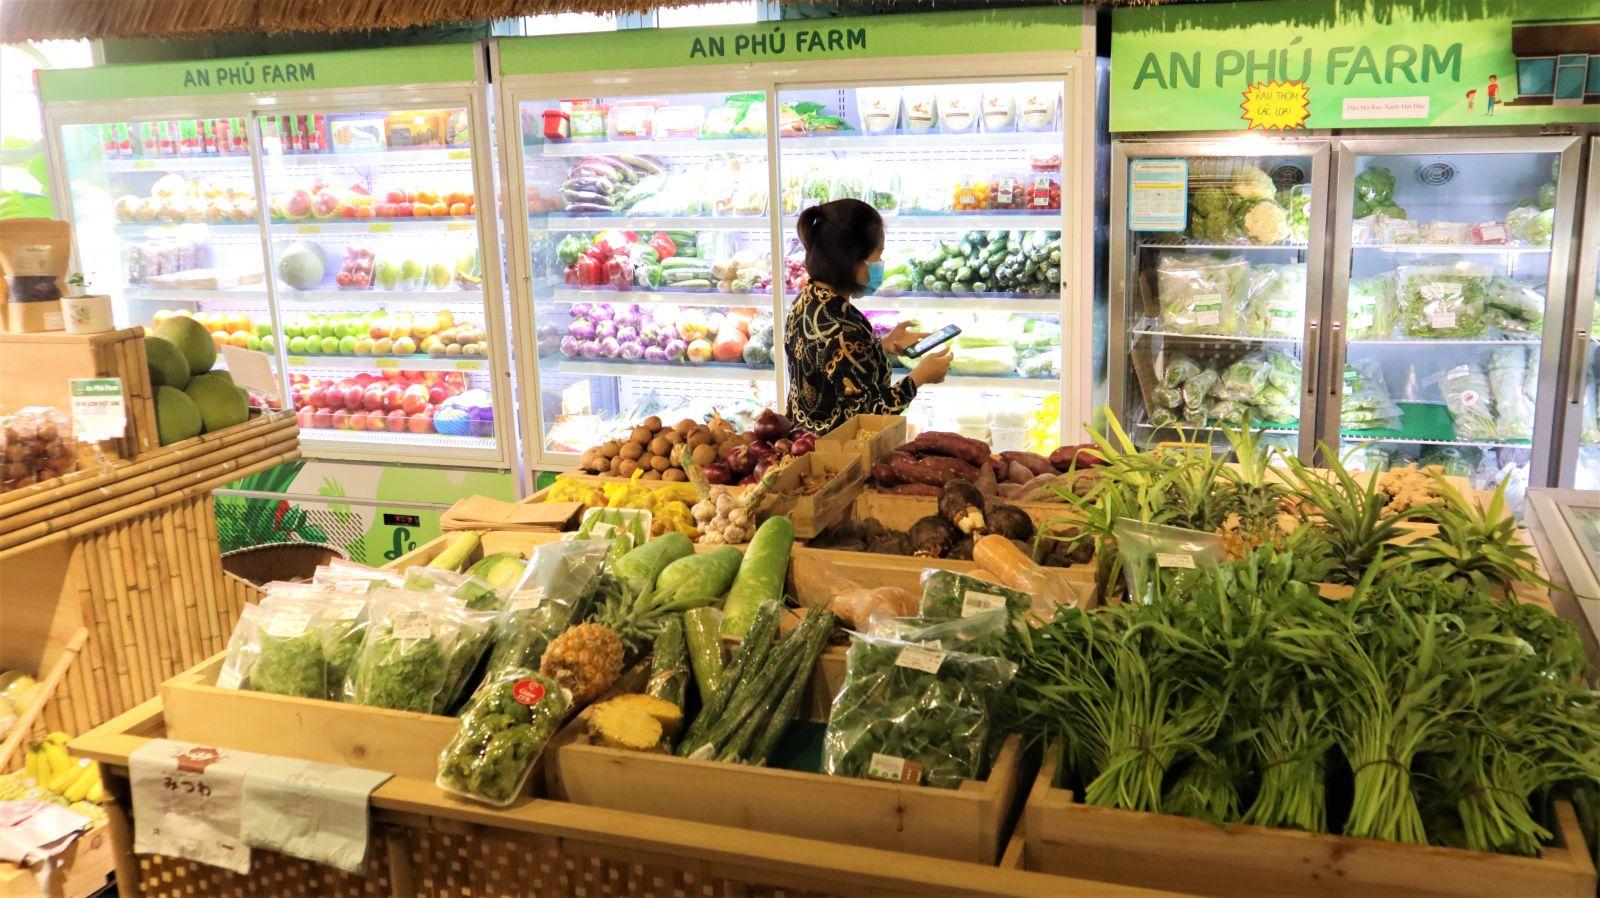 Các loại thực phẩm tại An Phú Farm luôn được kiểm tra thường xuyên và bổ sung lên kệ liên tục